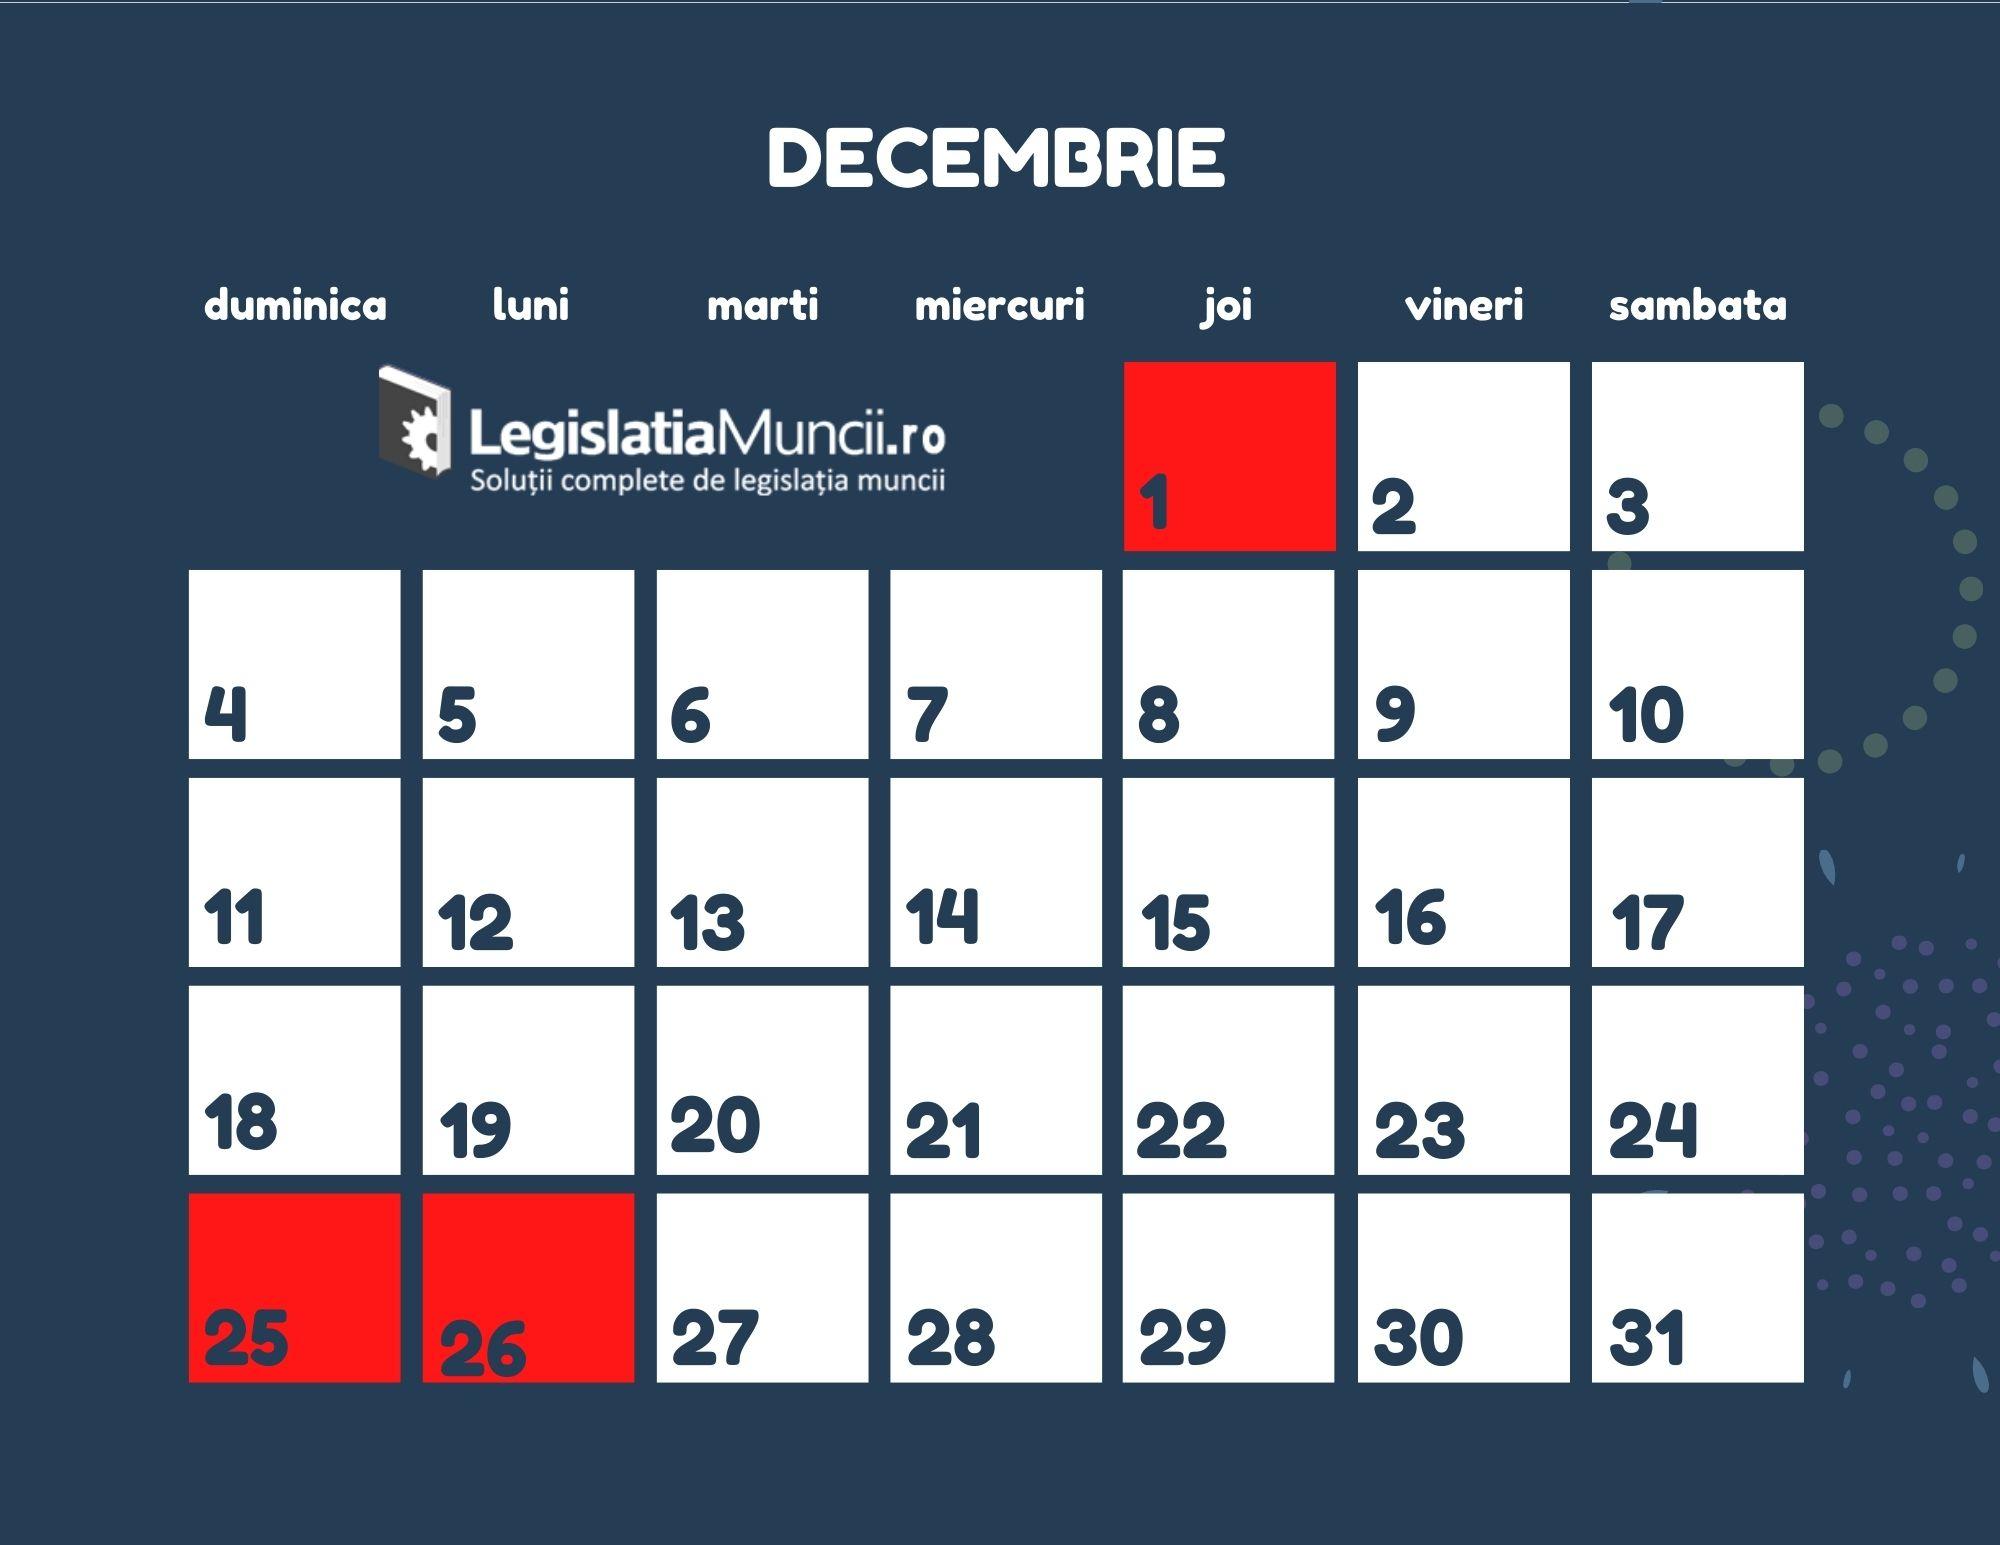 Sarbatori legale Decembrie 2022